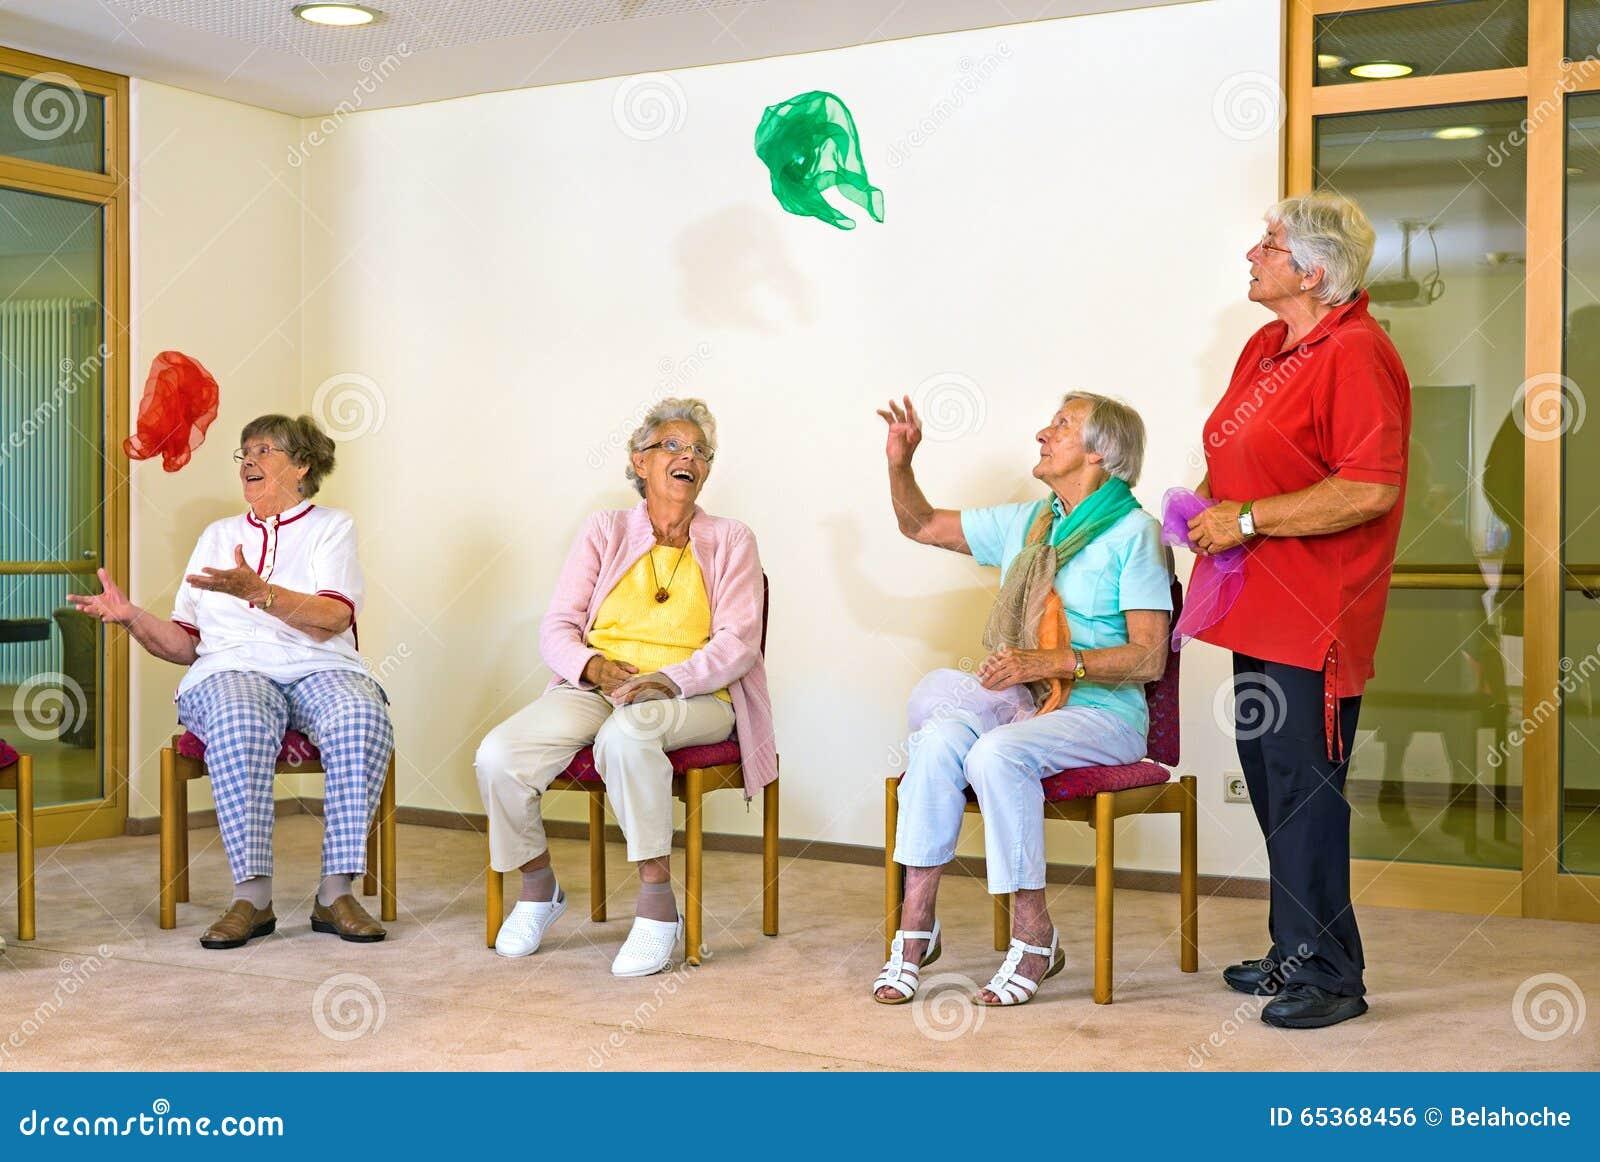 Ευτυχείς ηλικιωμένες κυρίες σε μια γυμναστική